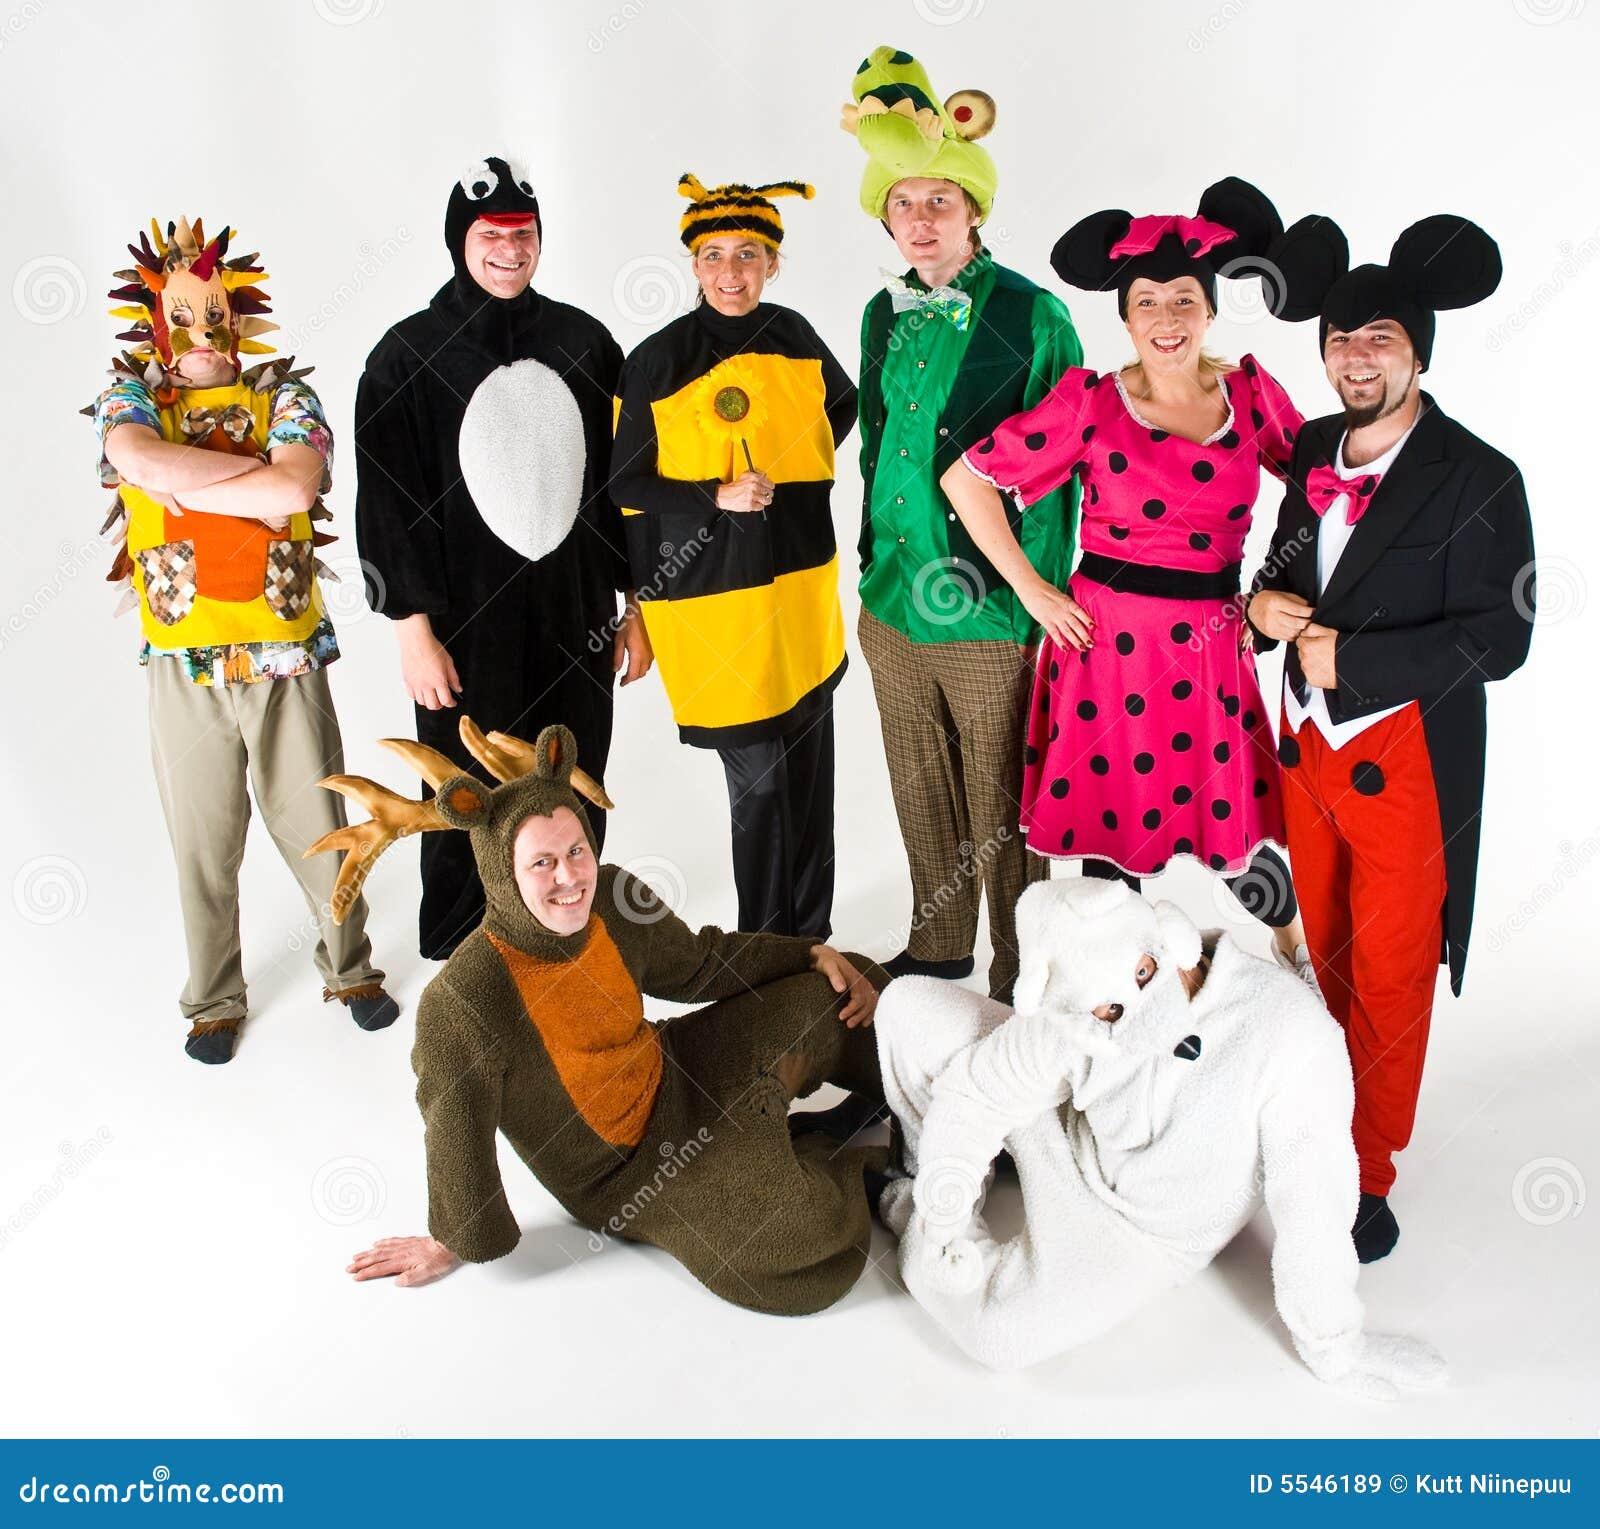 Schauspieler im Kostüm